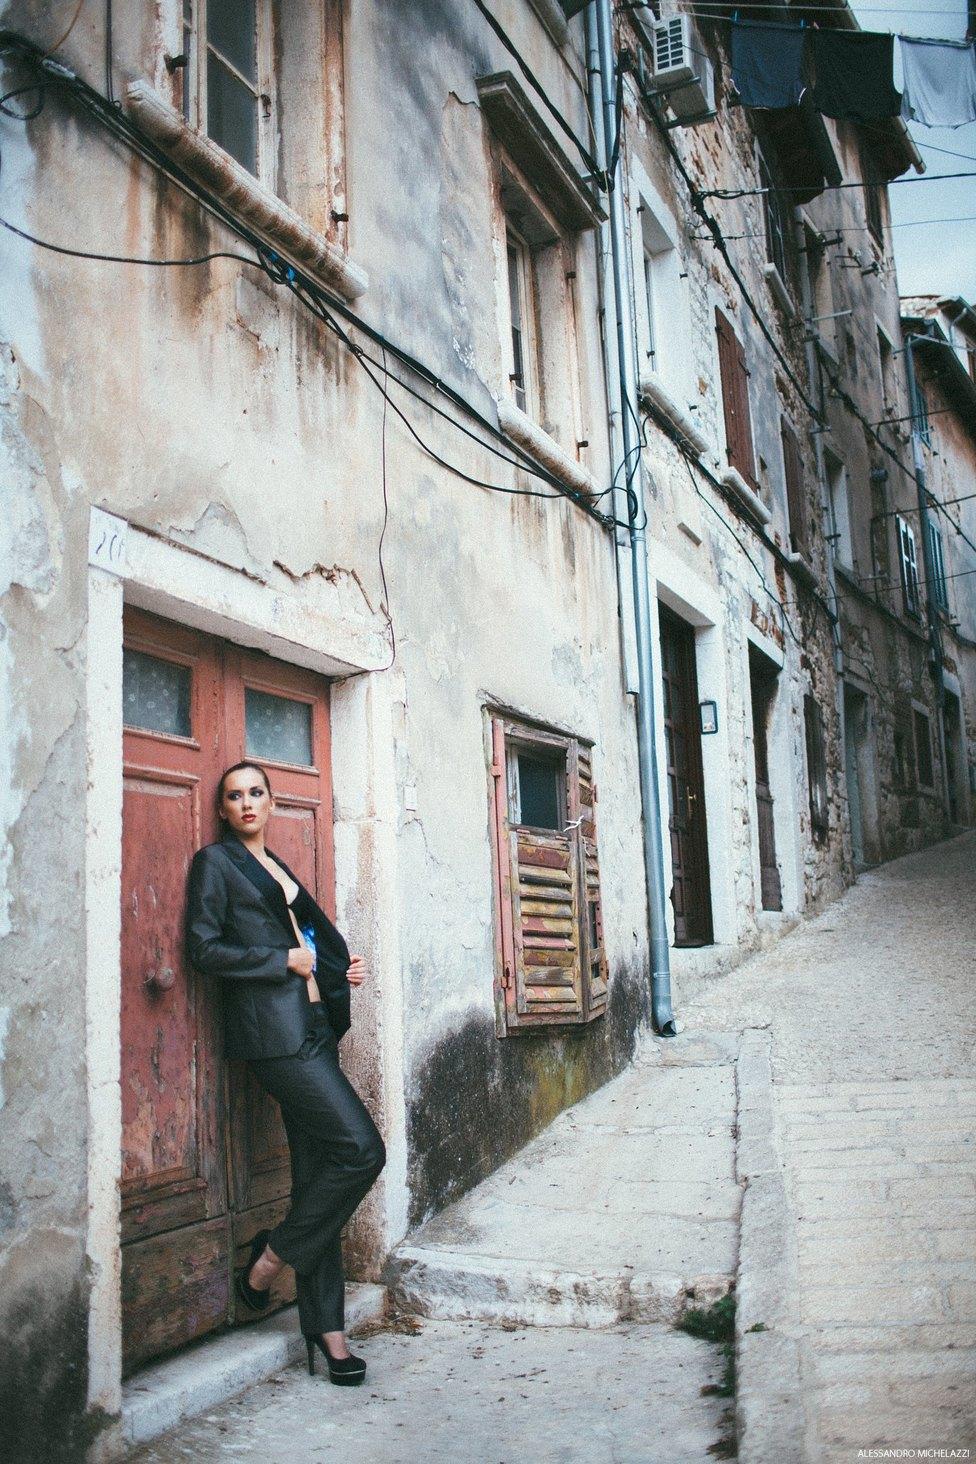 Alessandro-Michelazzi-Photo-13